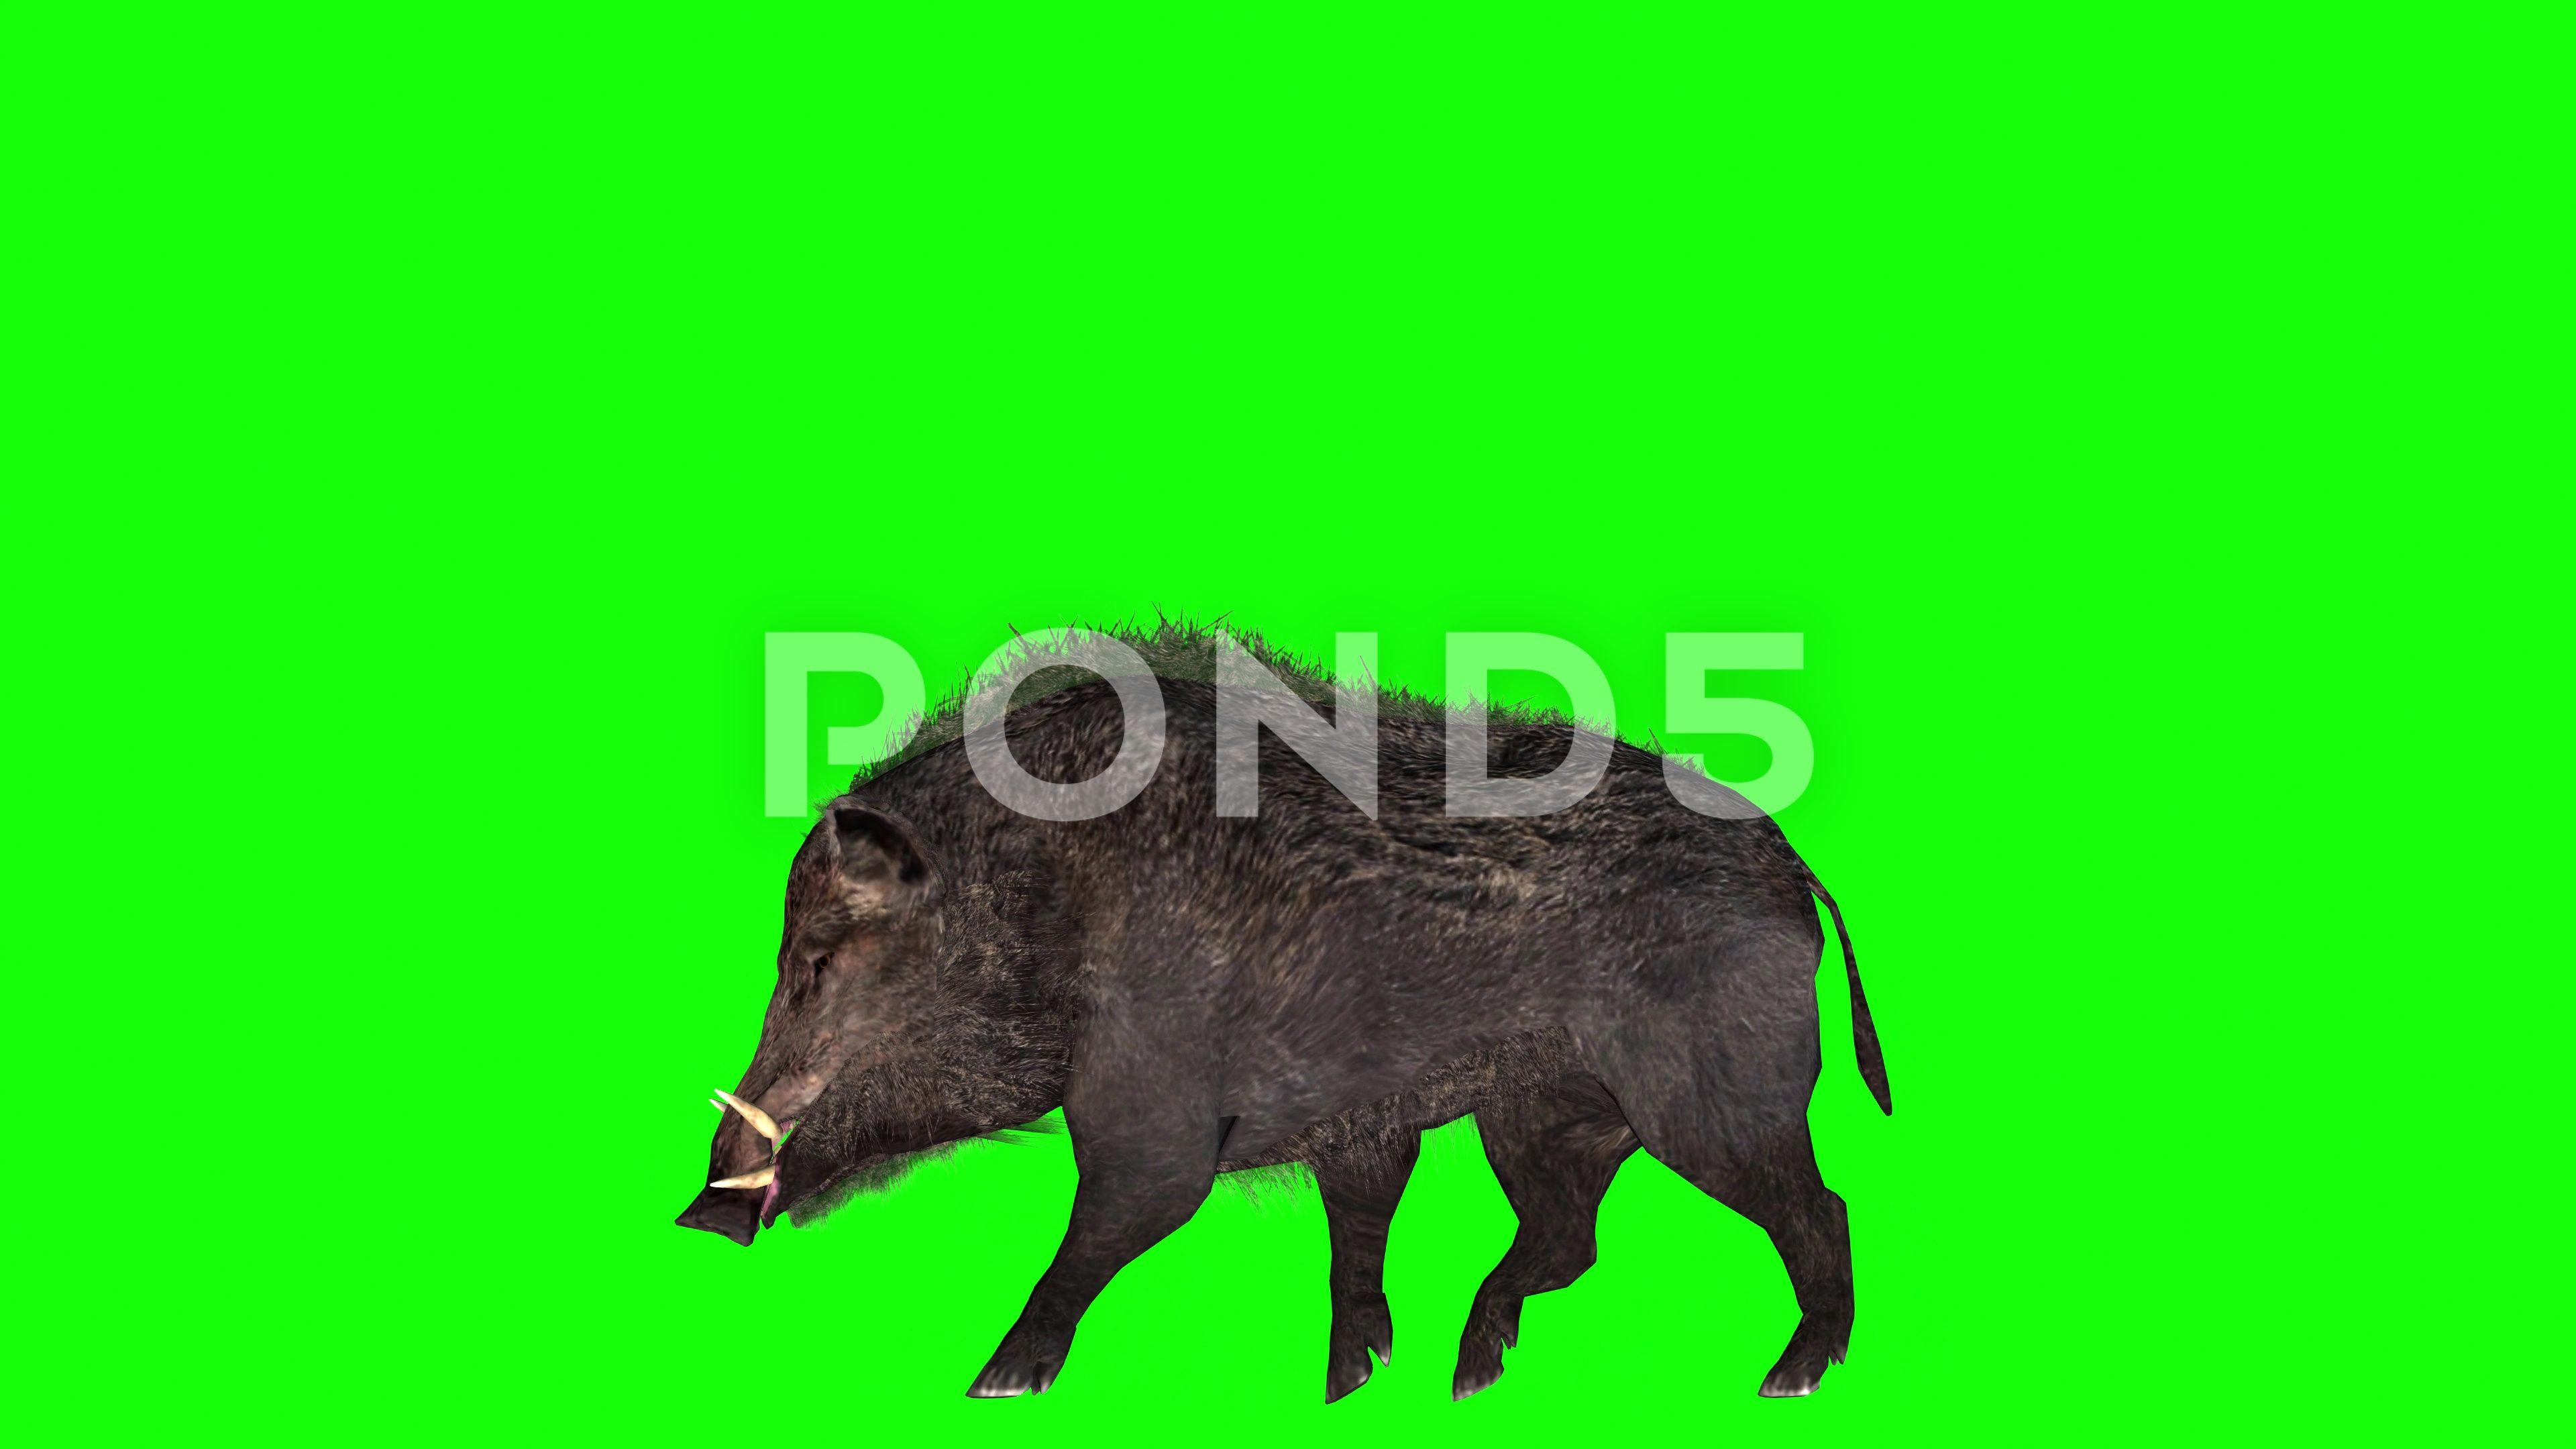 Animation of a wild boar on green screen AD ,boarwild